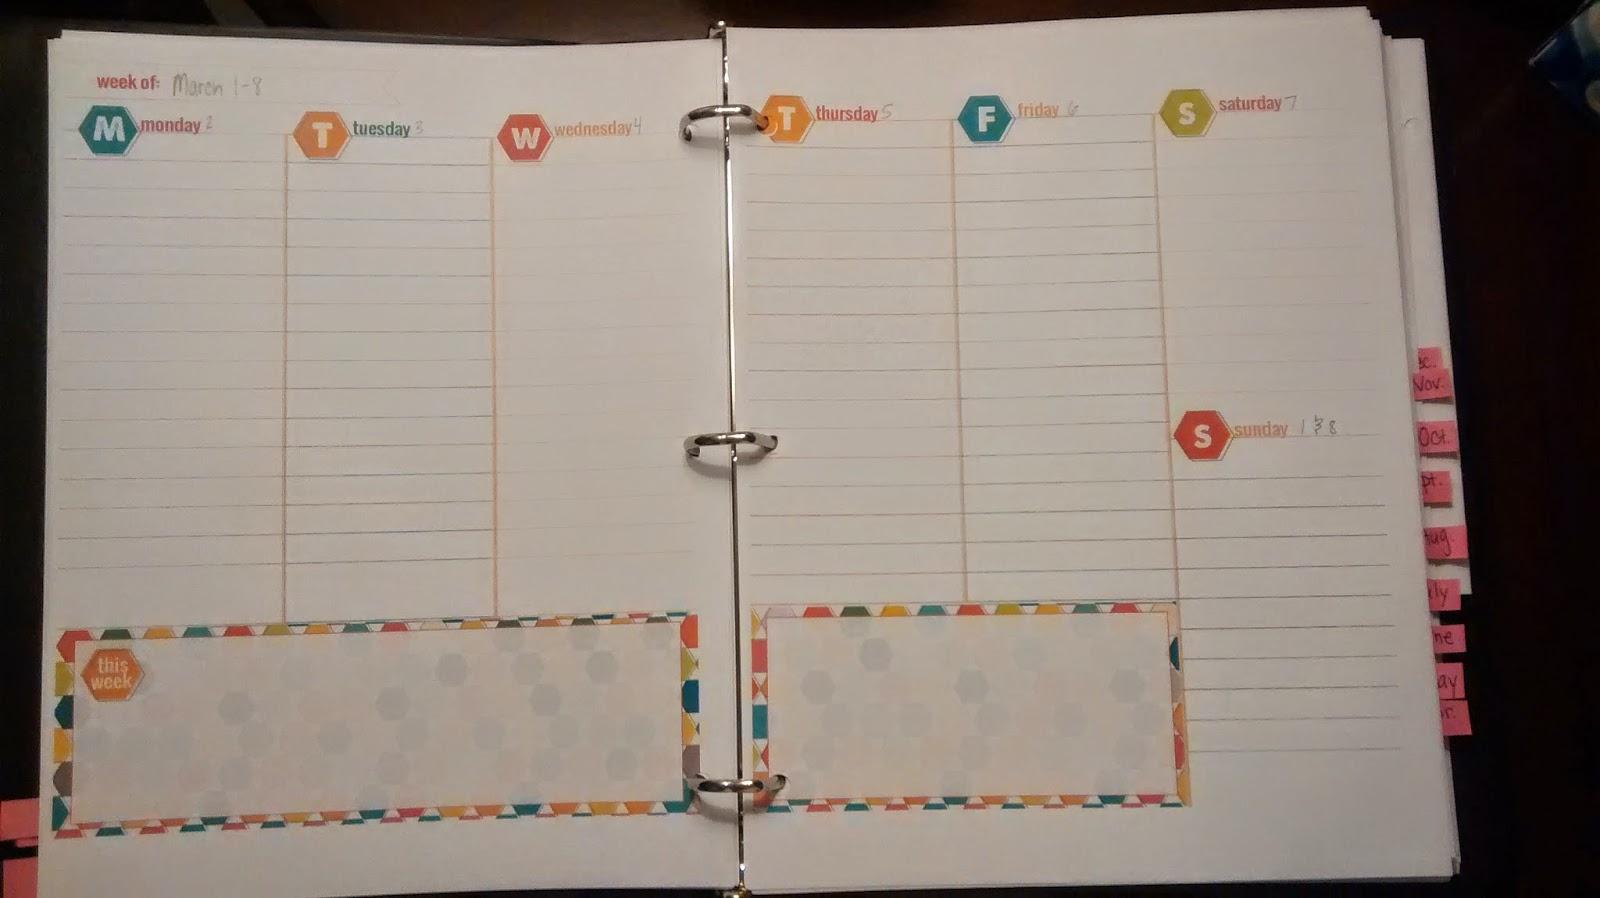 Homemade Calendars : For the love of poland homemade planner